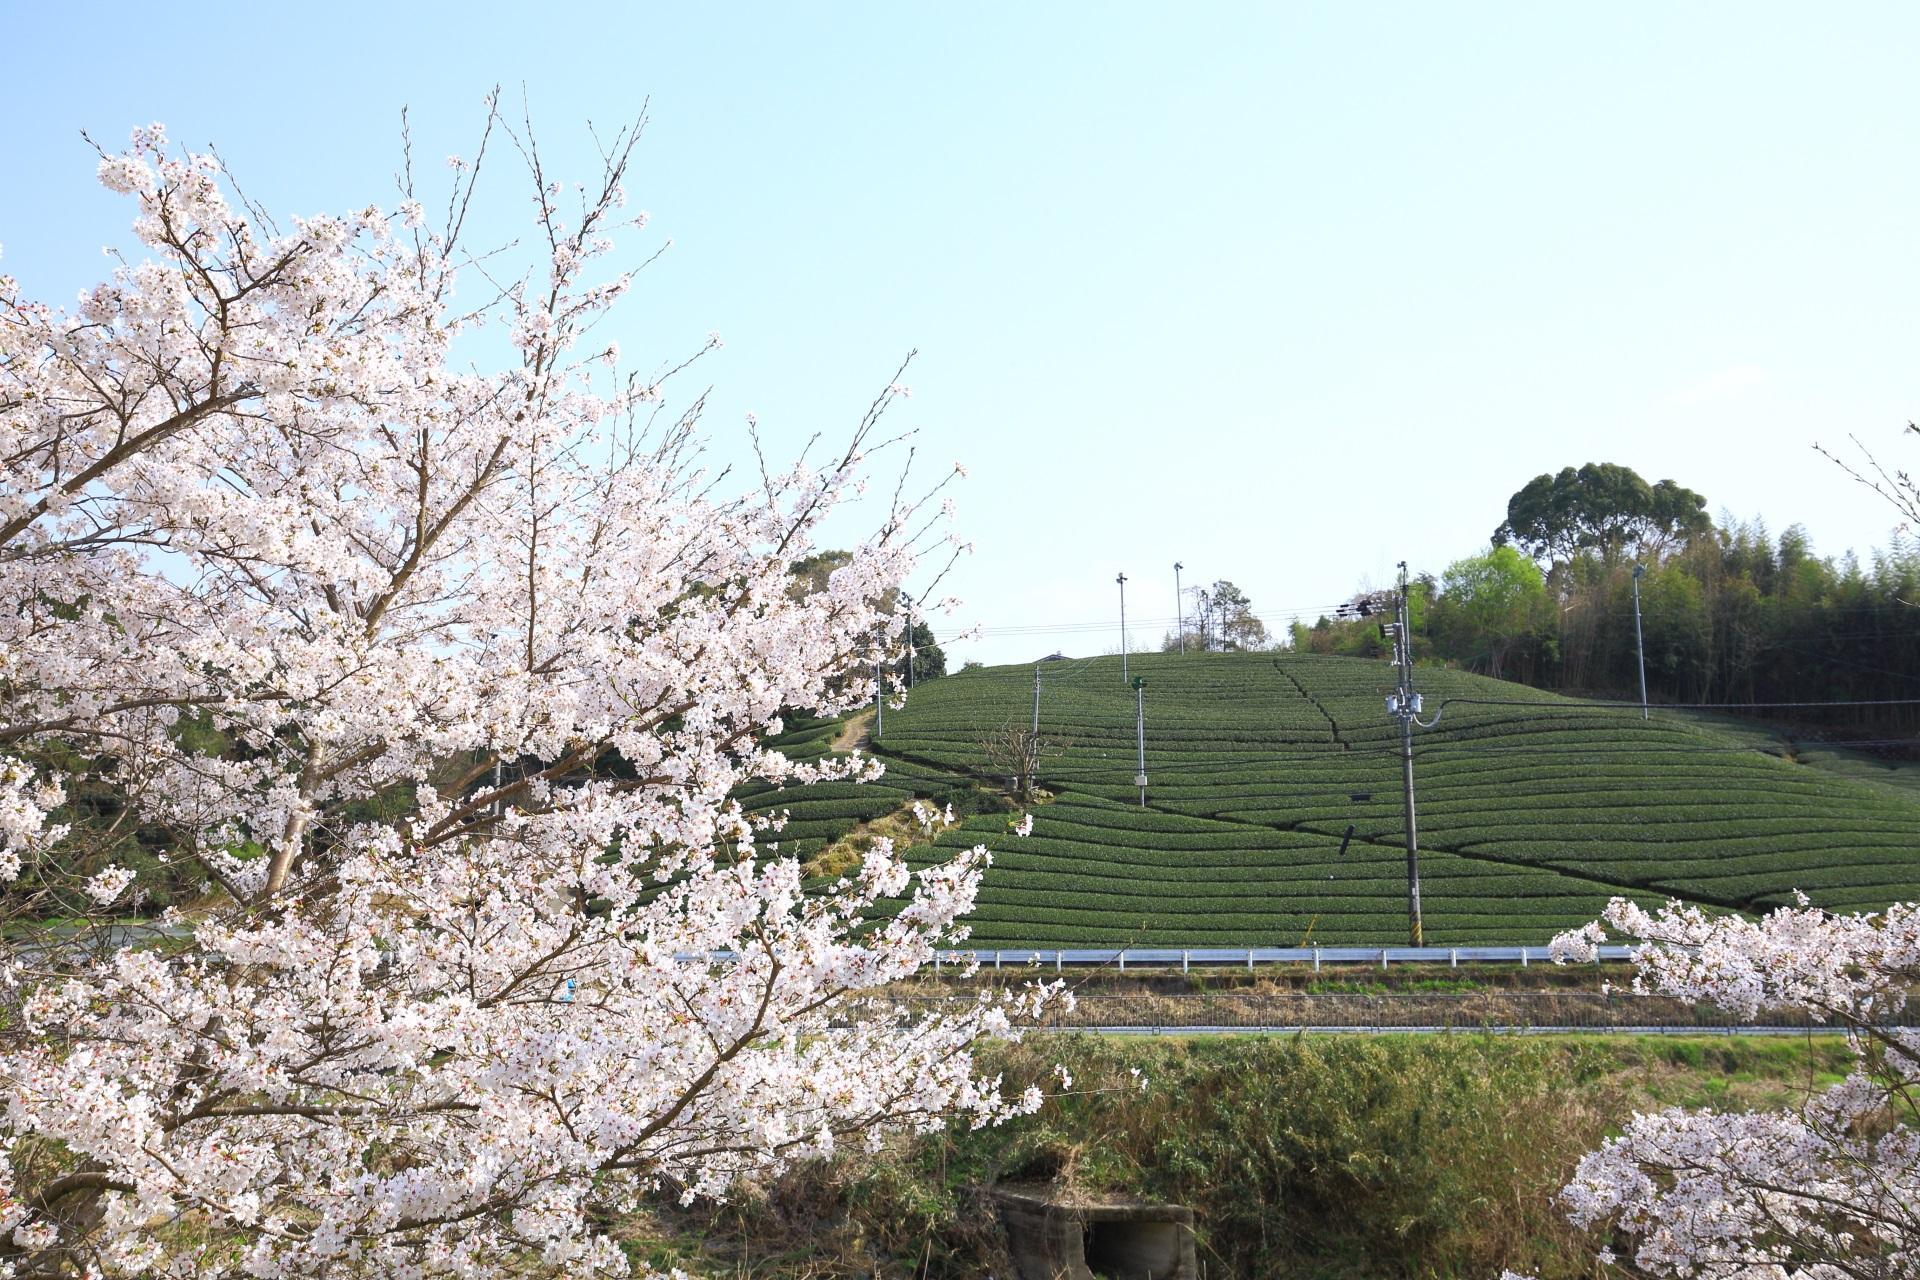 和束町の春色の見事な桜と広がる茶畑